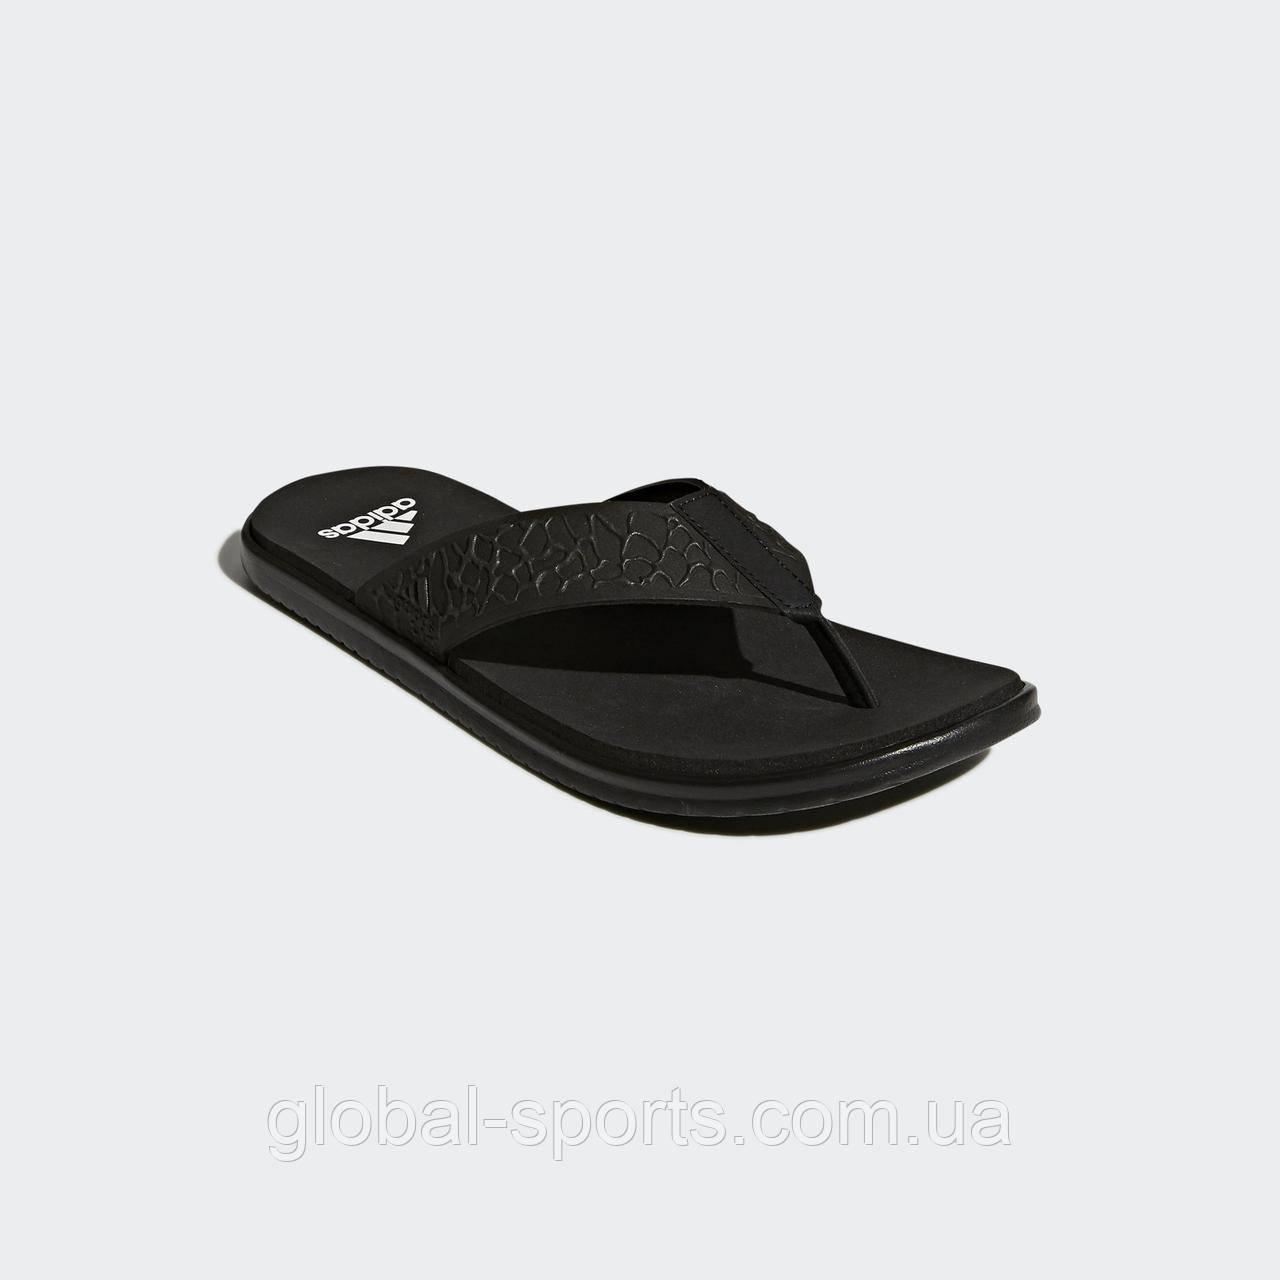 Чоловічі в'єтнамки Adidas Beachcloud CF(Артикул:BB0503)